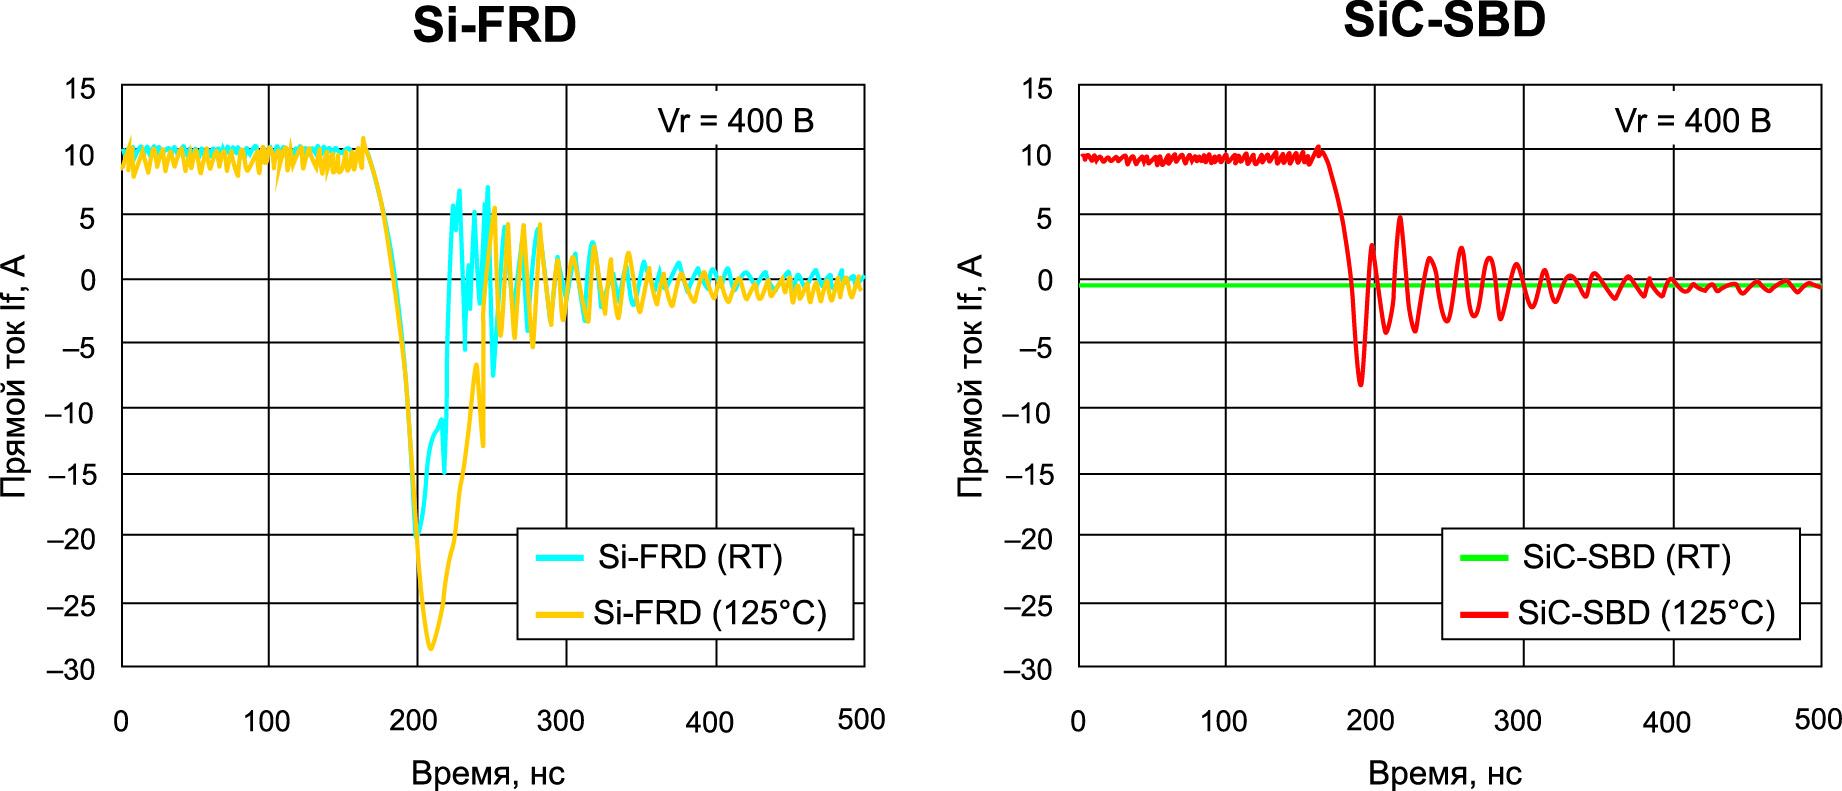 Характеристики переключения SiC-SBD лучше, чем у стандартных Si-FRD